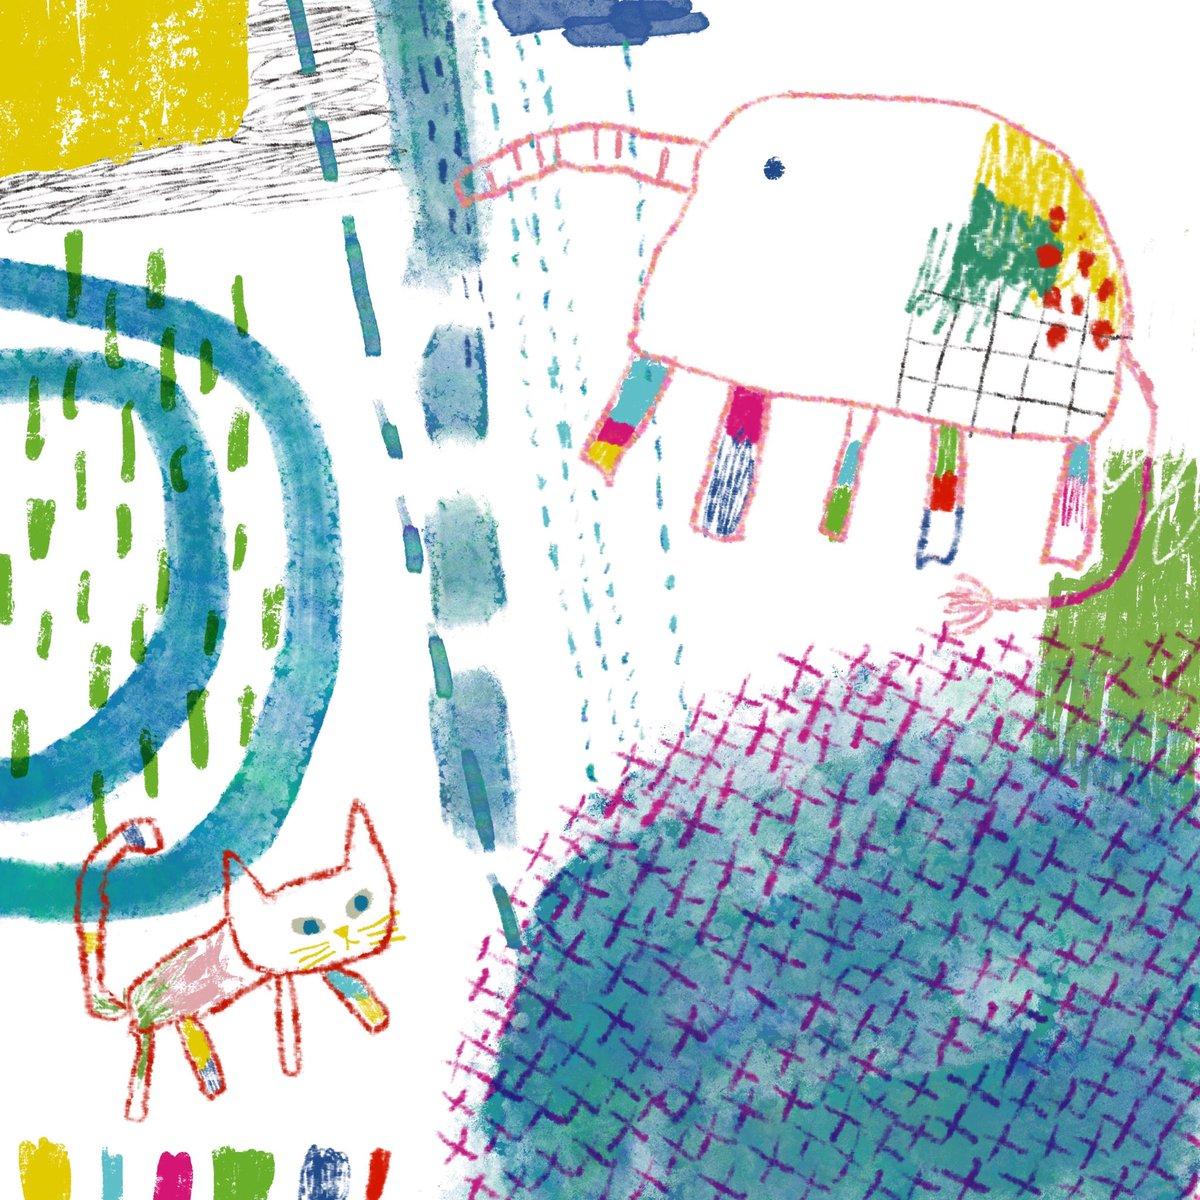 お天気雨だにゃ😾  #doodle #illustration #art #artist #artwork #illustrator #procreate #digital #drawing #painting #picture #cute #cat #nature #peace #happy #イラスト #絵 #落書き #ほっこり #猫 #アート #デジタル